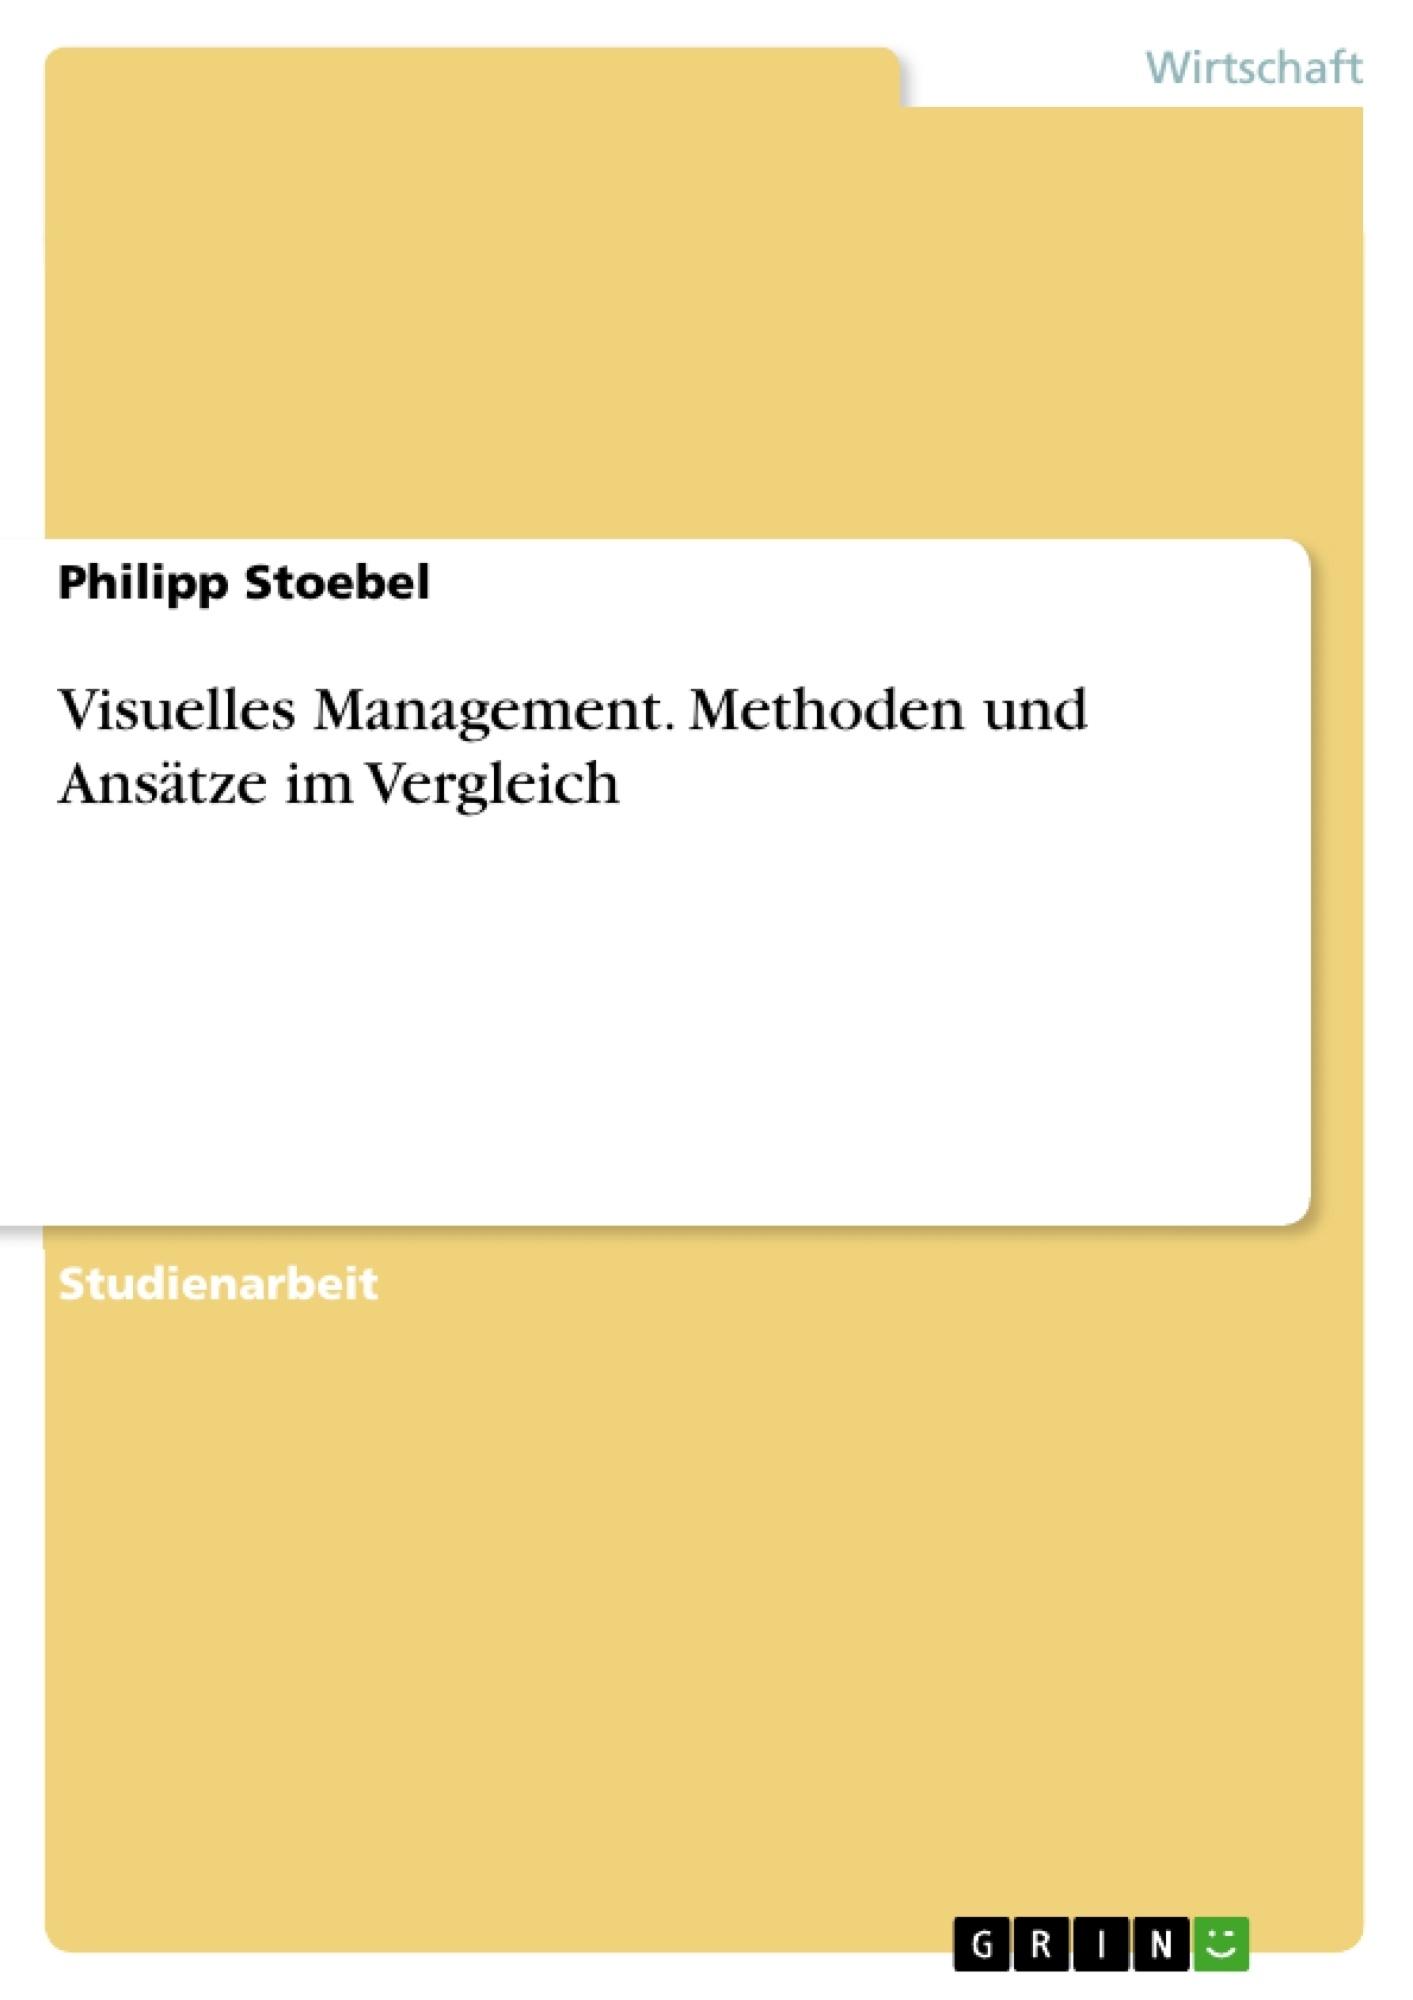 Titel: Visuelles Management. Methoden und Ansätze im Vergleich